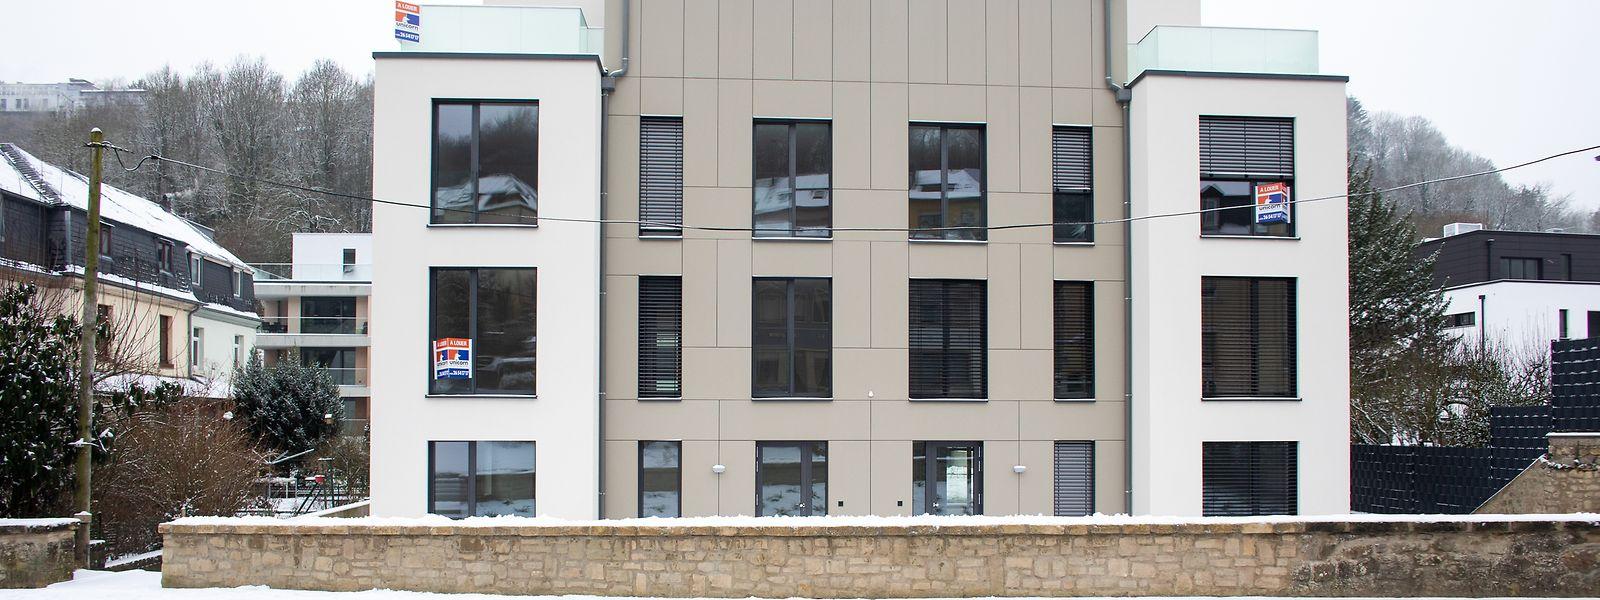 La Ville de Luxembourg loue et vend des appartements à des prix abordables.